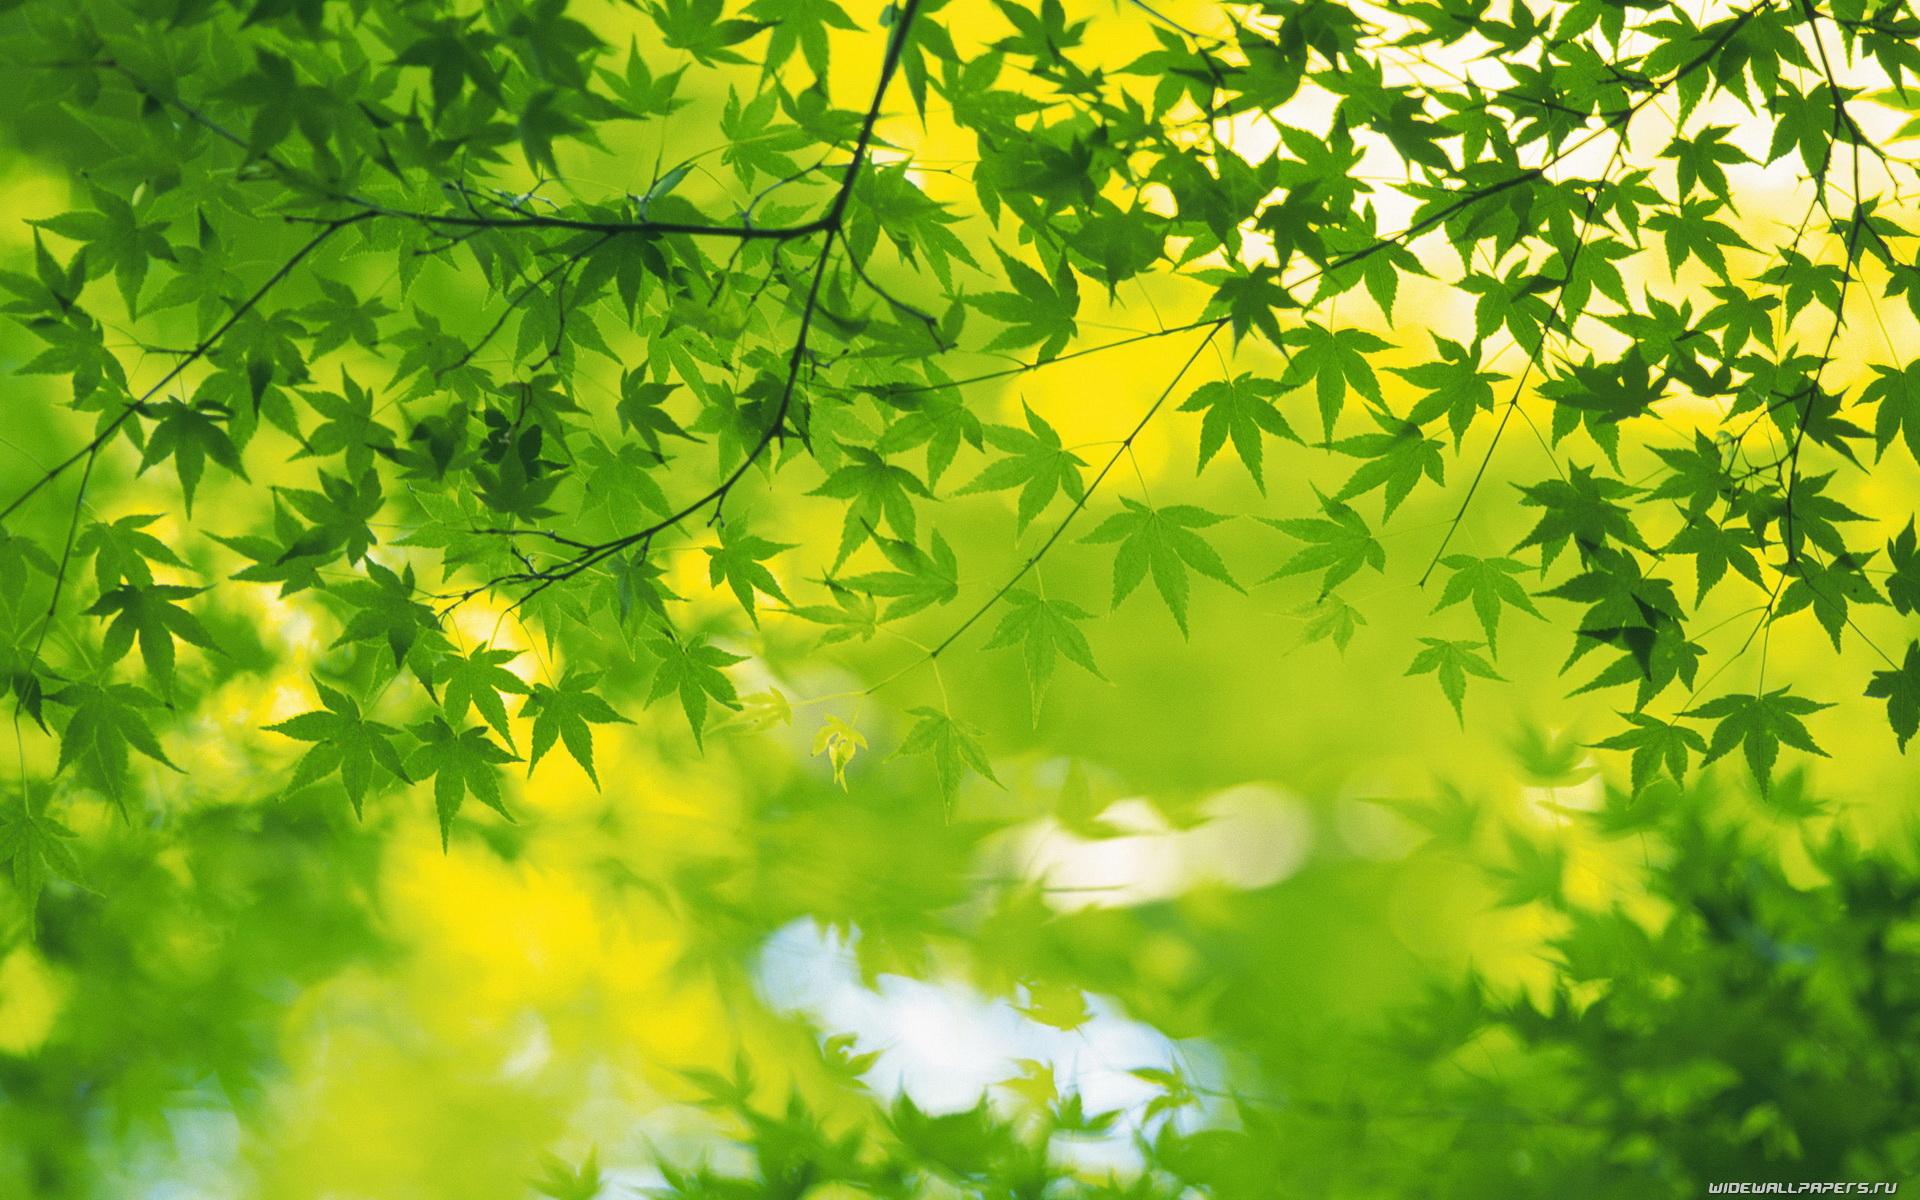 Красивые и невероятные картинки листьев, растений, зелени 12